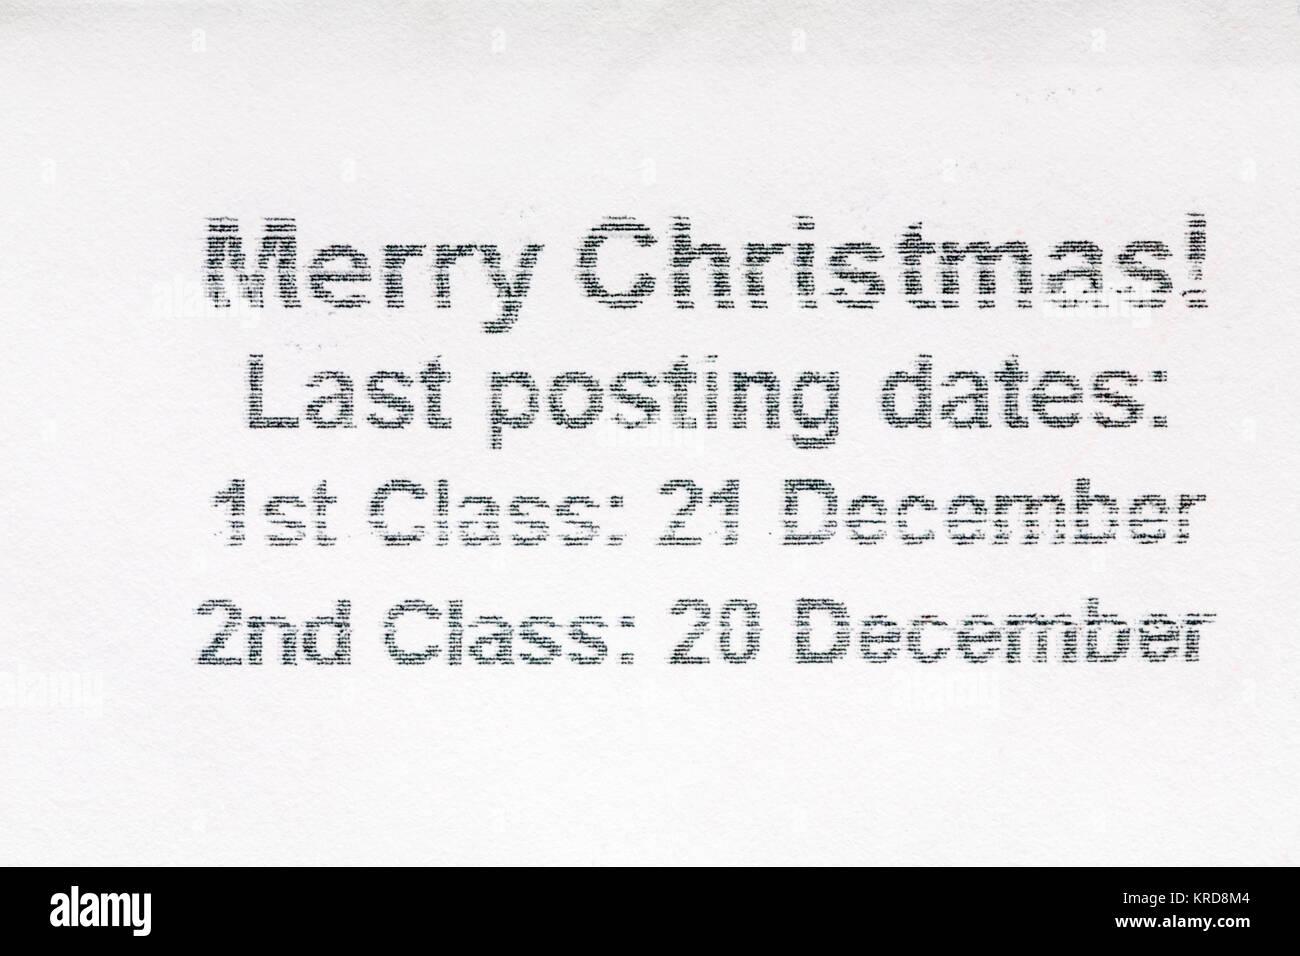 Weihnachten Termine.Letzter Beitrag Termine Für Weihnachten Informationen Auf Umschlag